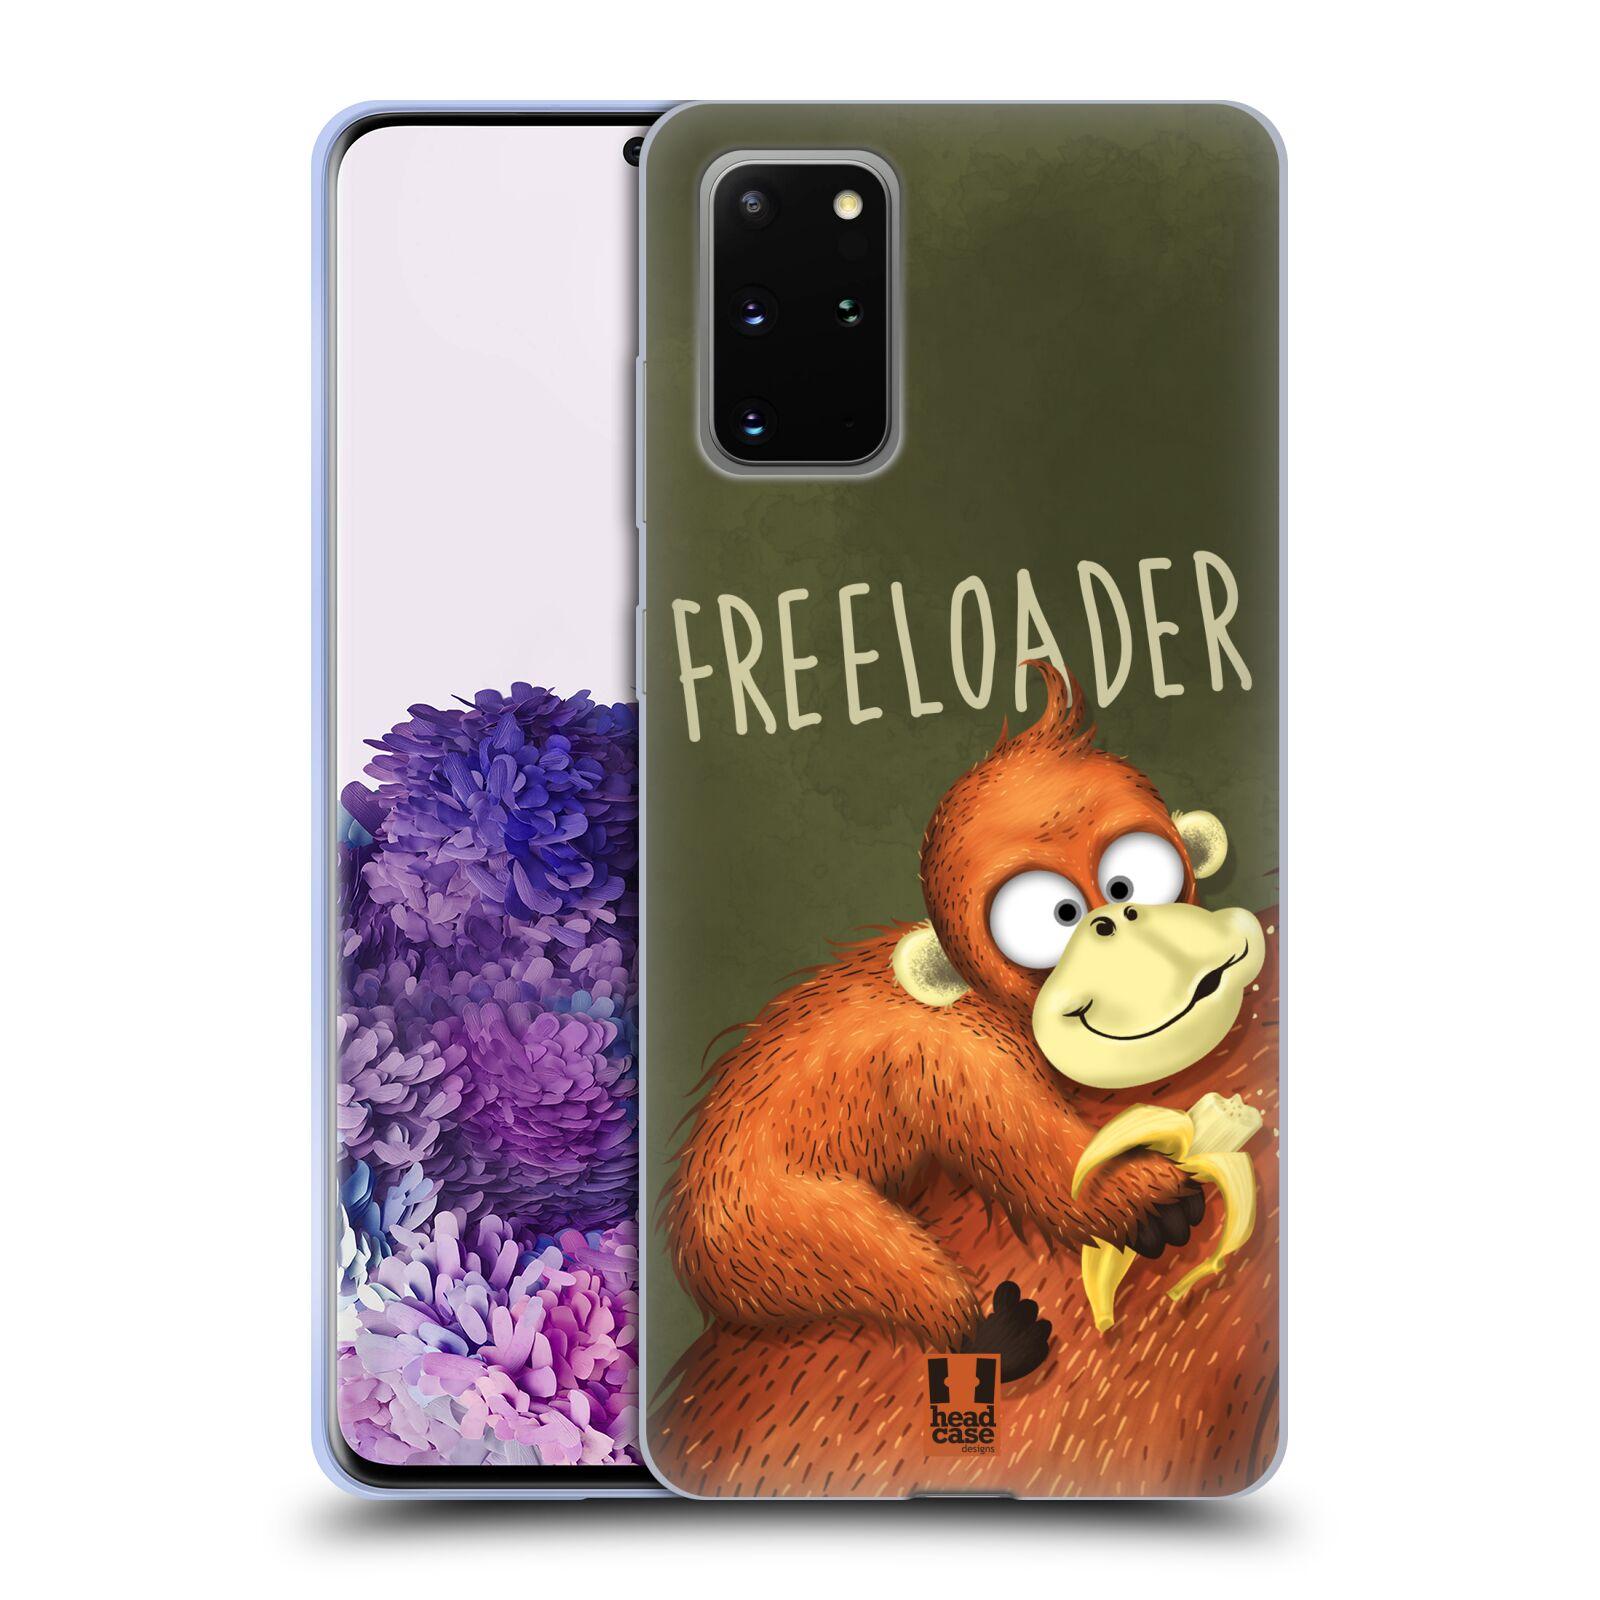 Silikonové pouzdro na mobil Samsung Galaxy S20 Plus - Head Case - Opičák Freeloader